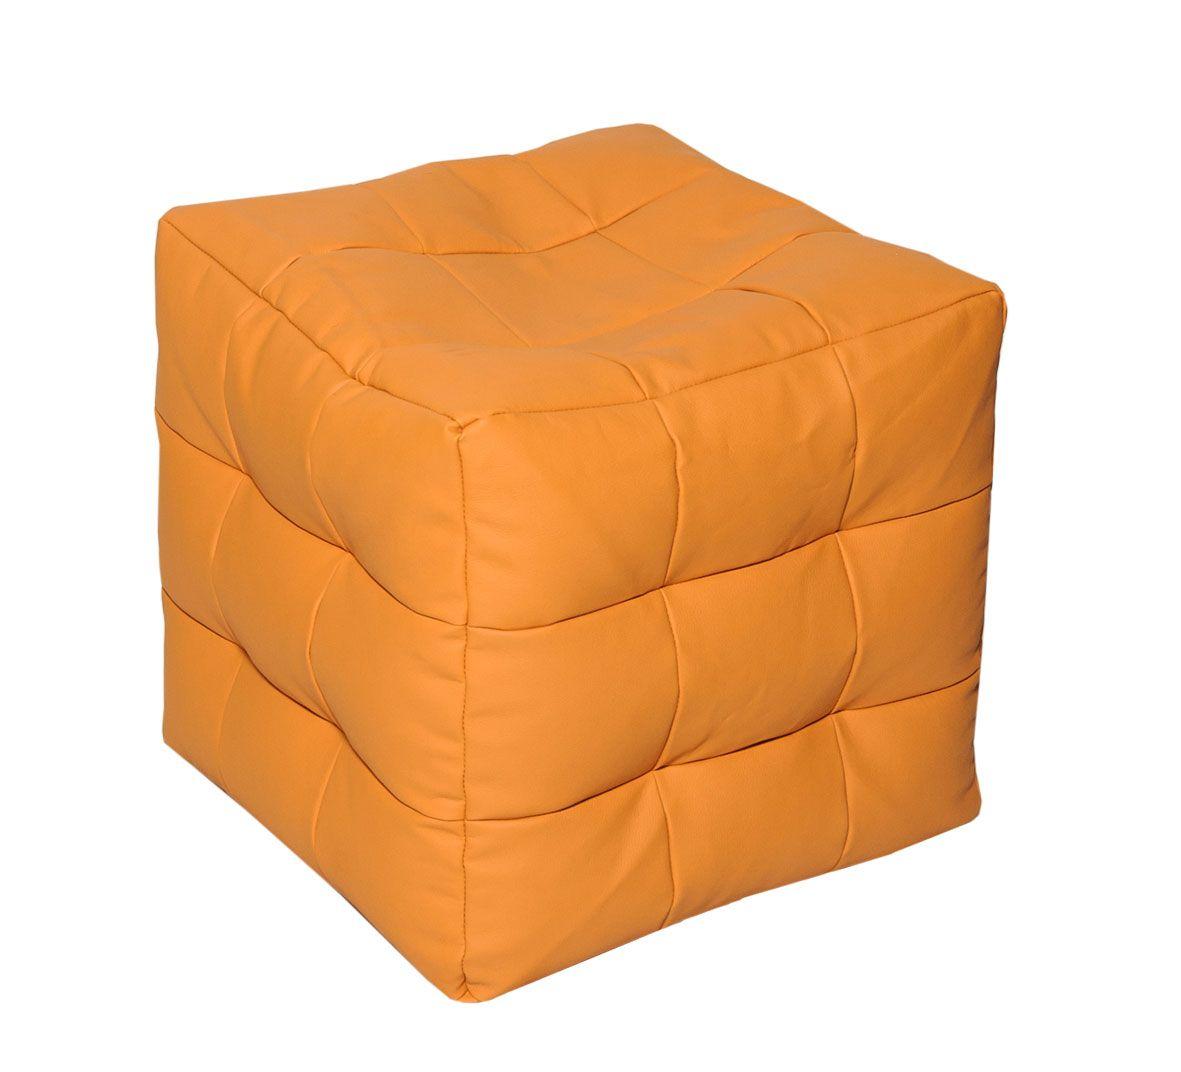 Кресло-мешок Папа Пуф Мини, размер XS, экокожа, оранжевый